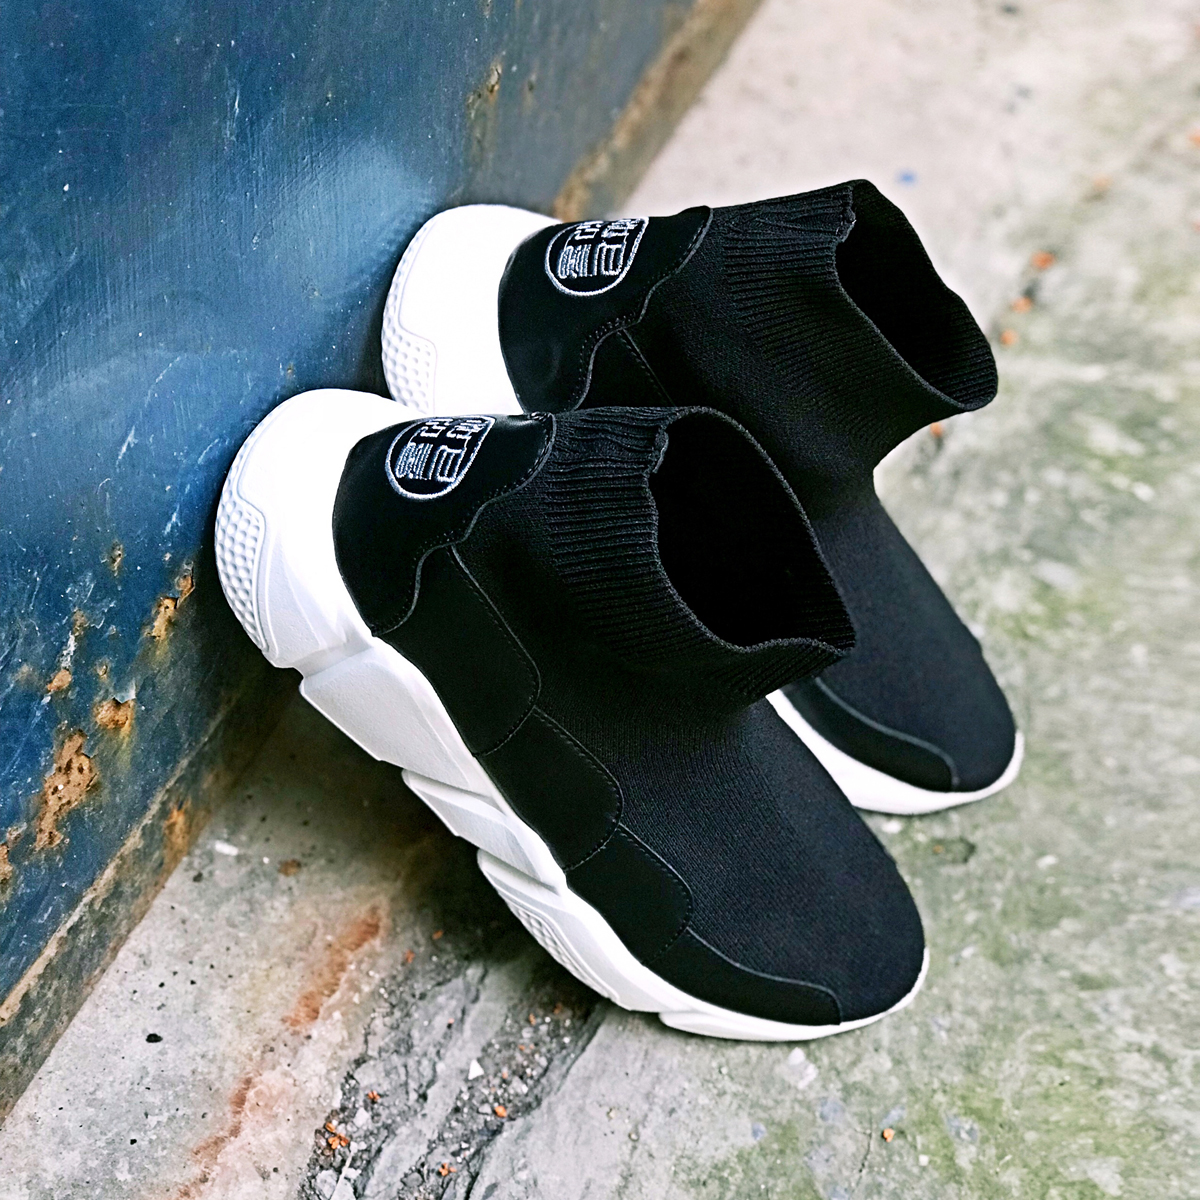 中国风官靴套脚飞织薄款鞋子鞋厚底高帮袜子款运动鞋针织弹力男女